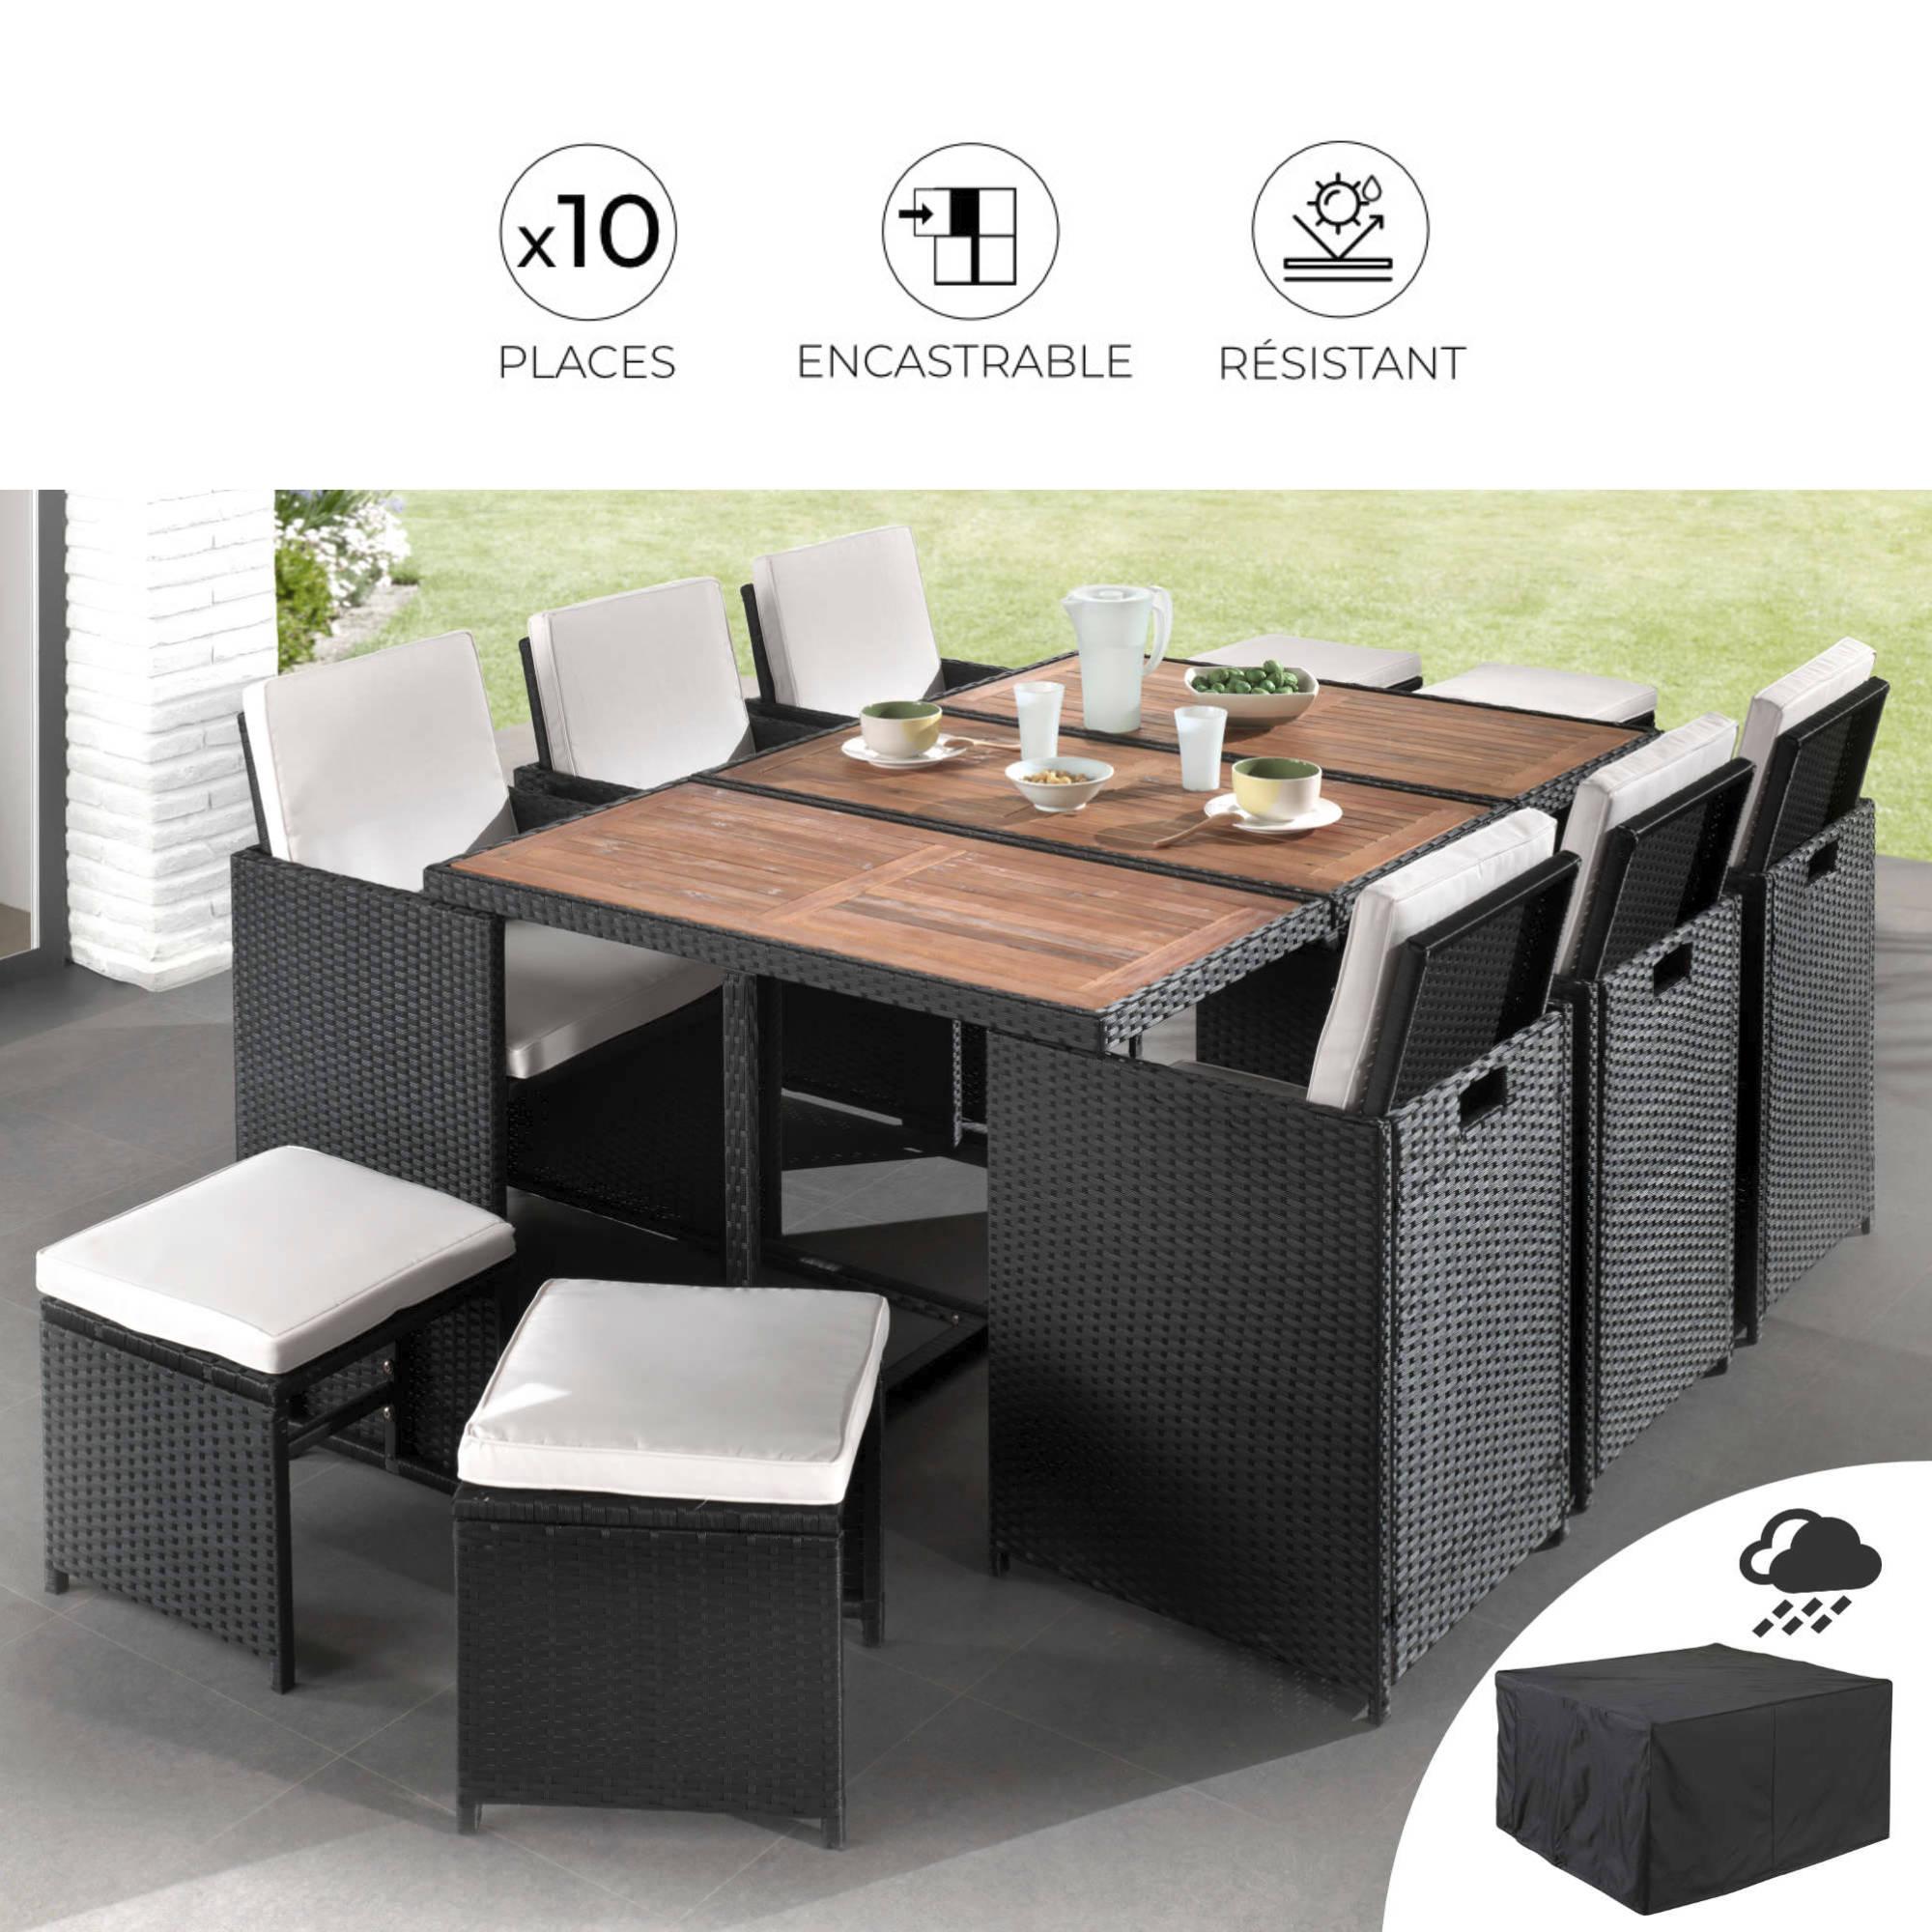 maya salon de jardin encastrable 10 places en resine tressee noir avec coussins beiges housse de protection couleur noir